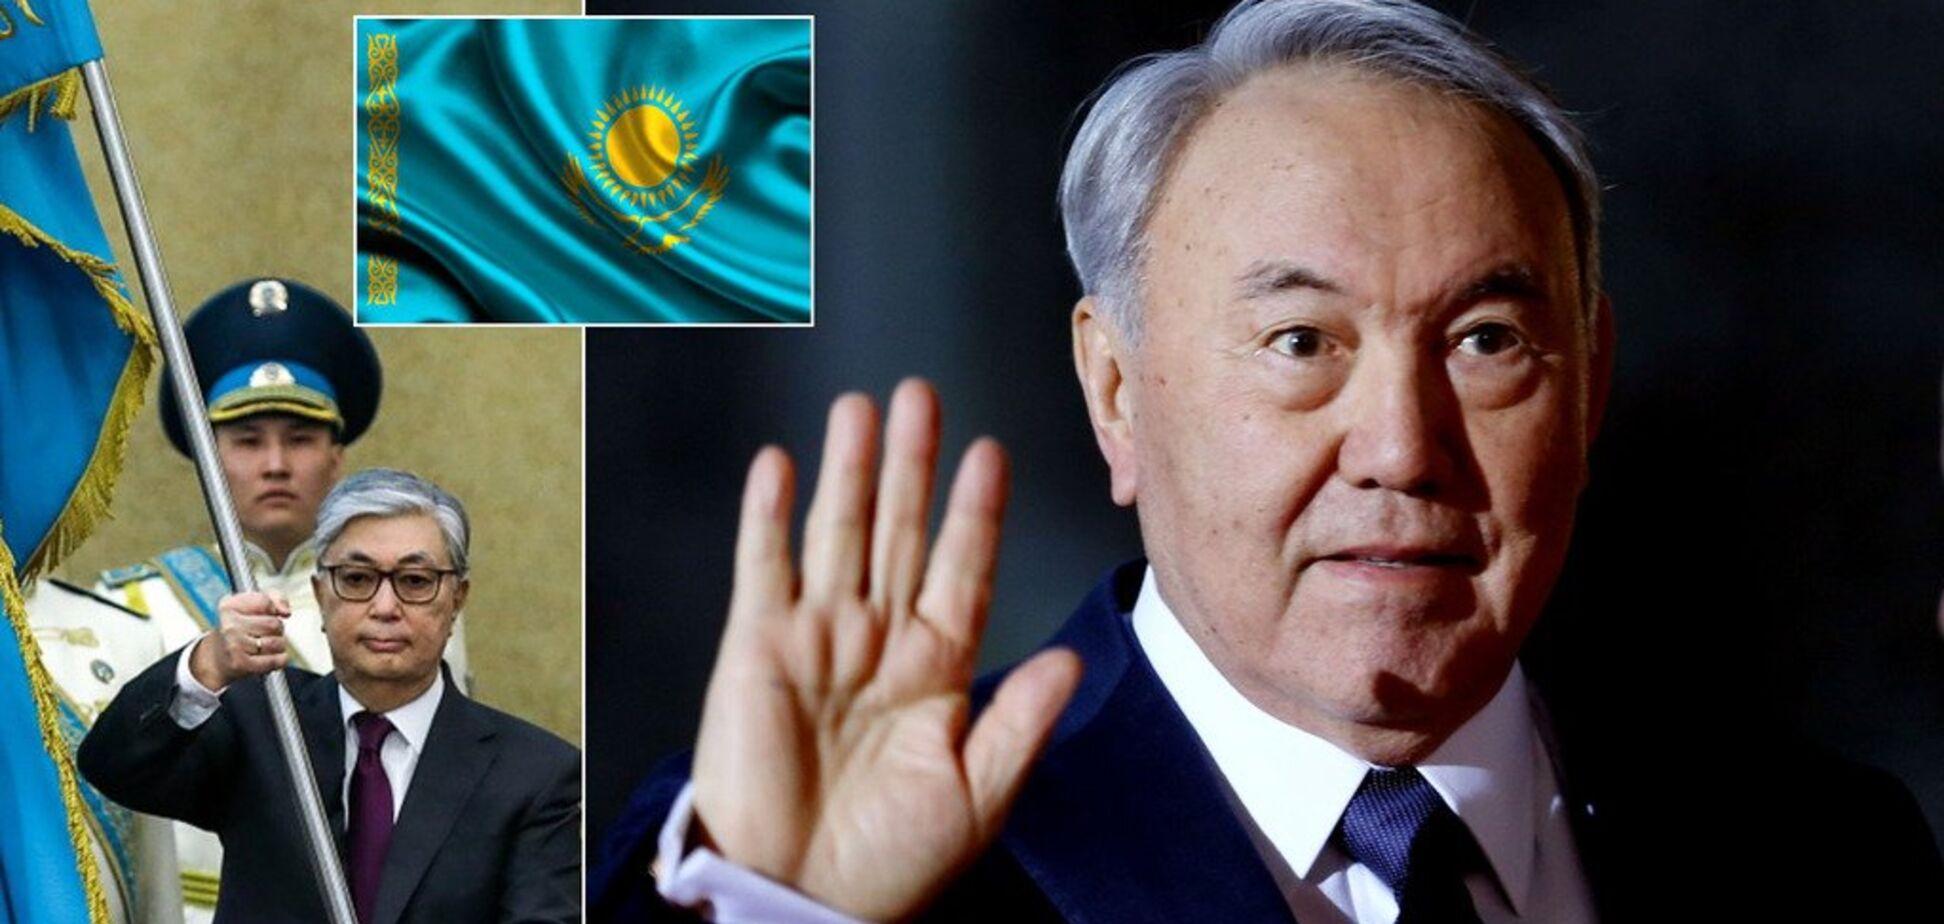 'Оставил бедолагу': в Казахстане готовы к проблемам после ухода Назарбаева